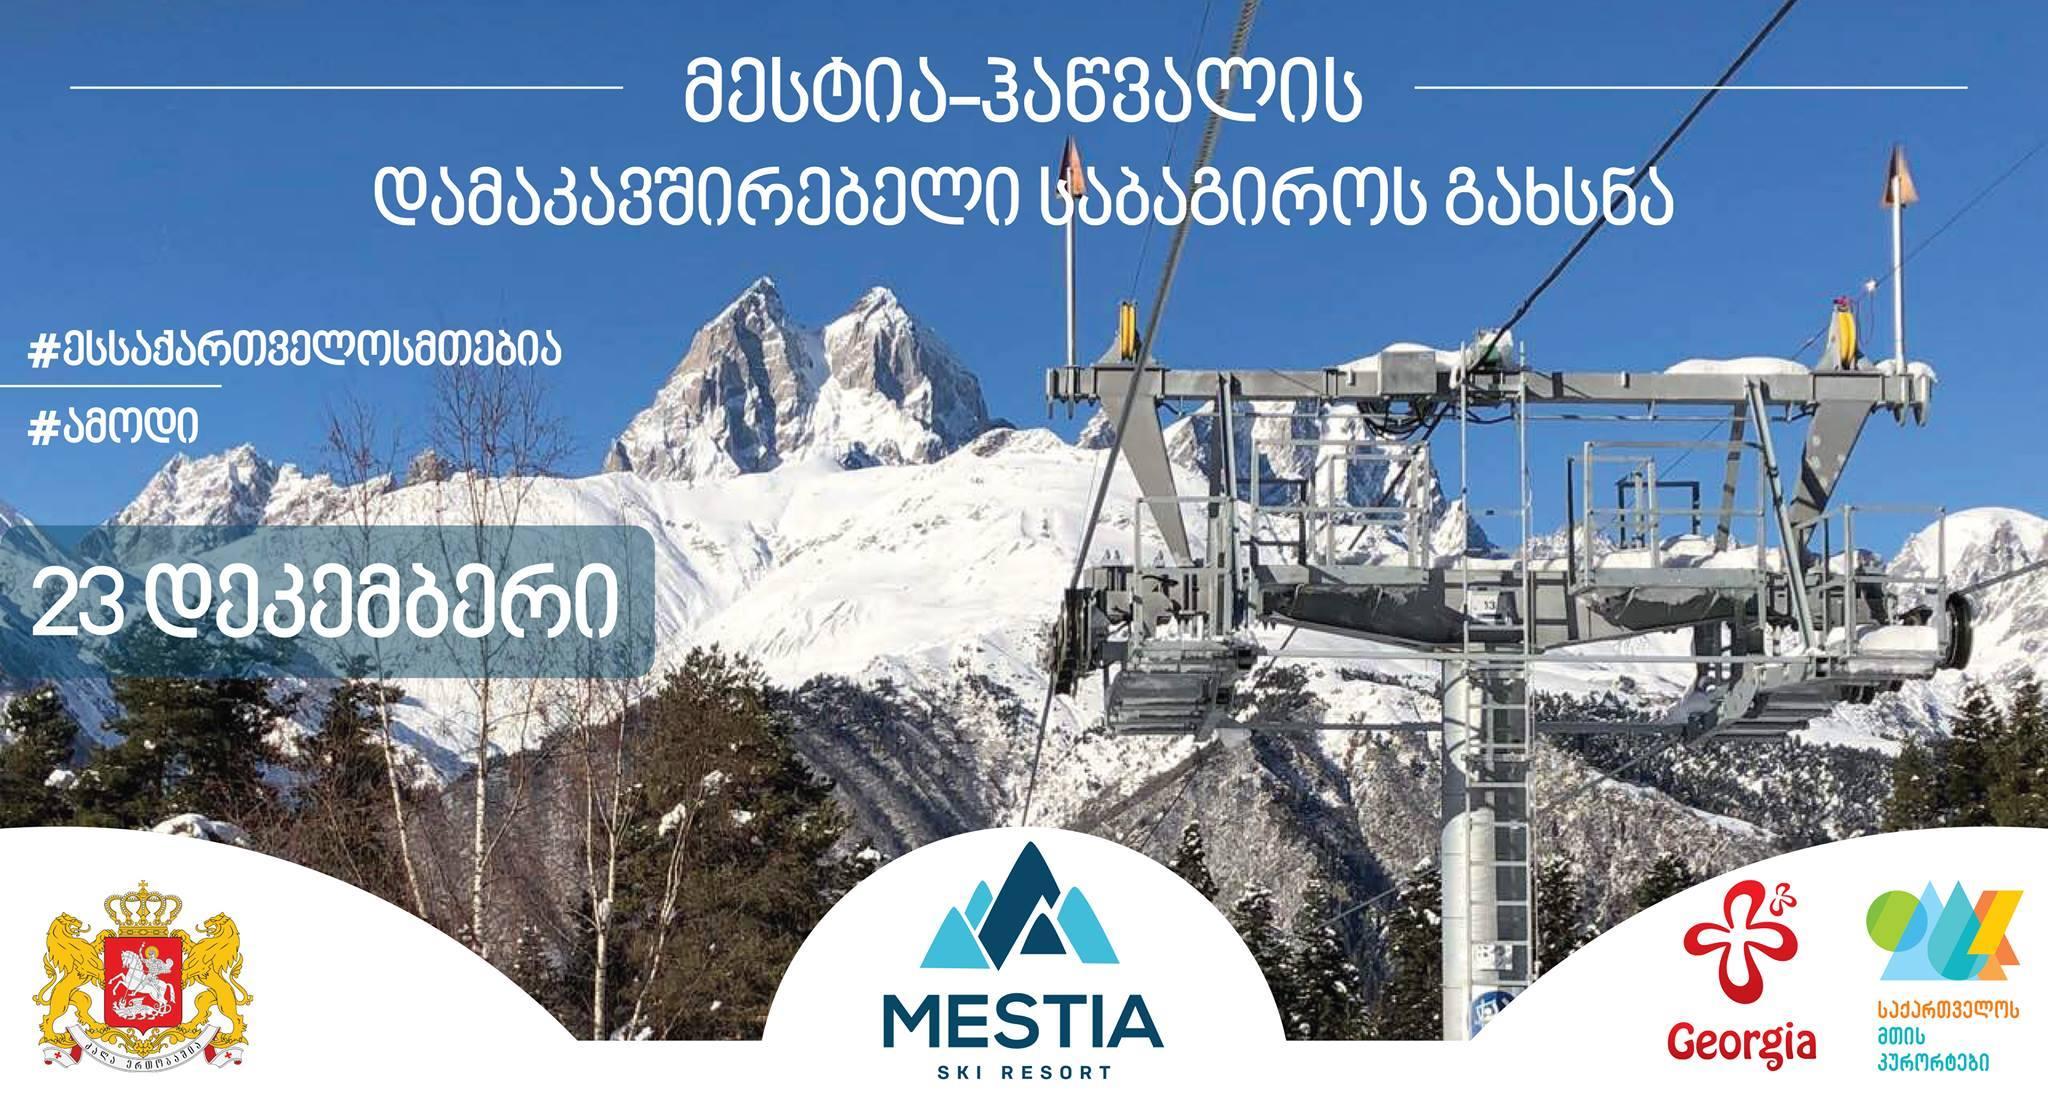 მესტია-ჰაწვალის დამაკავშირებელი საბაგირო 23 დეკემბერს გაიხსნება